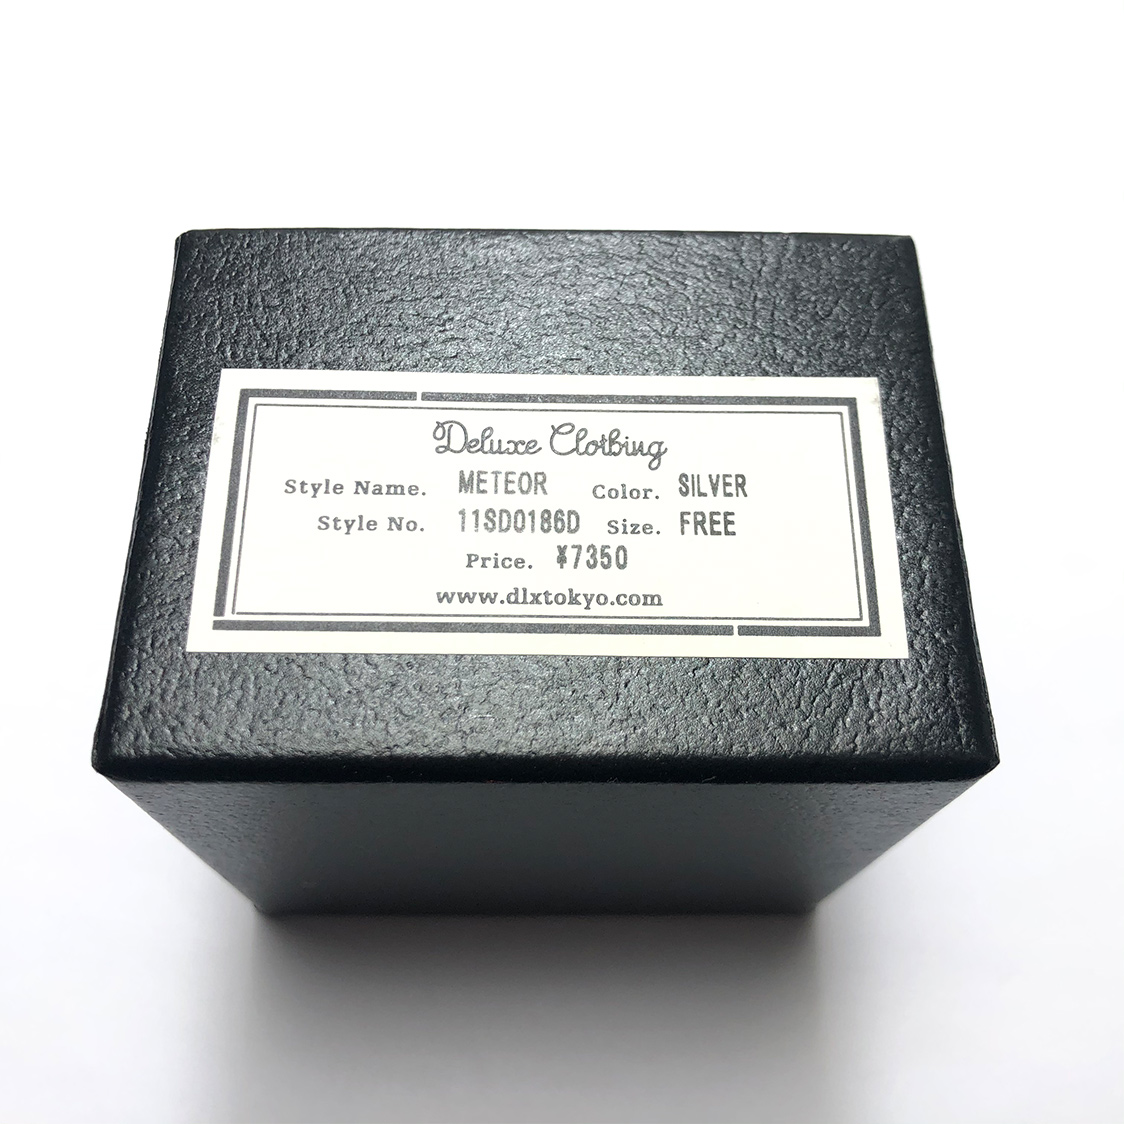 新品【定価7,350円】DELUXE CLOTHING デラックス クロージング METEOR シルバー ピアス 星型 スター / イヤリング